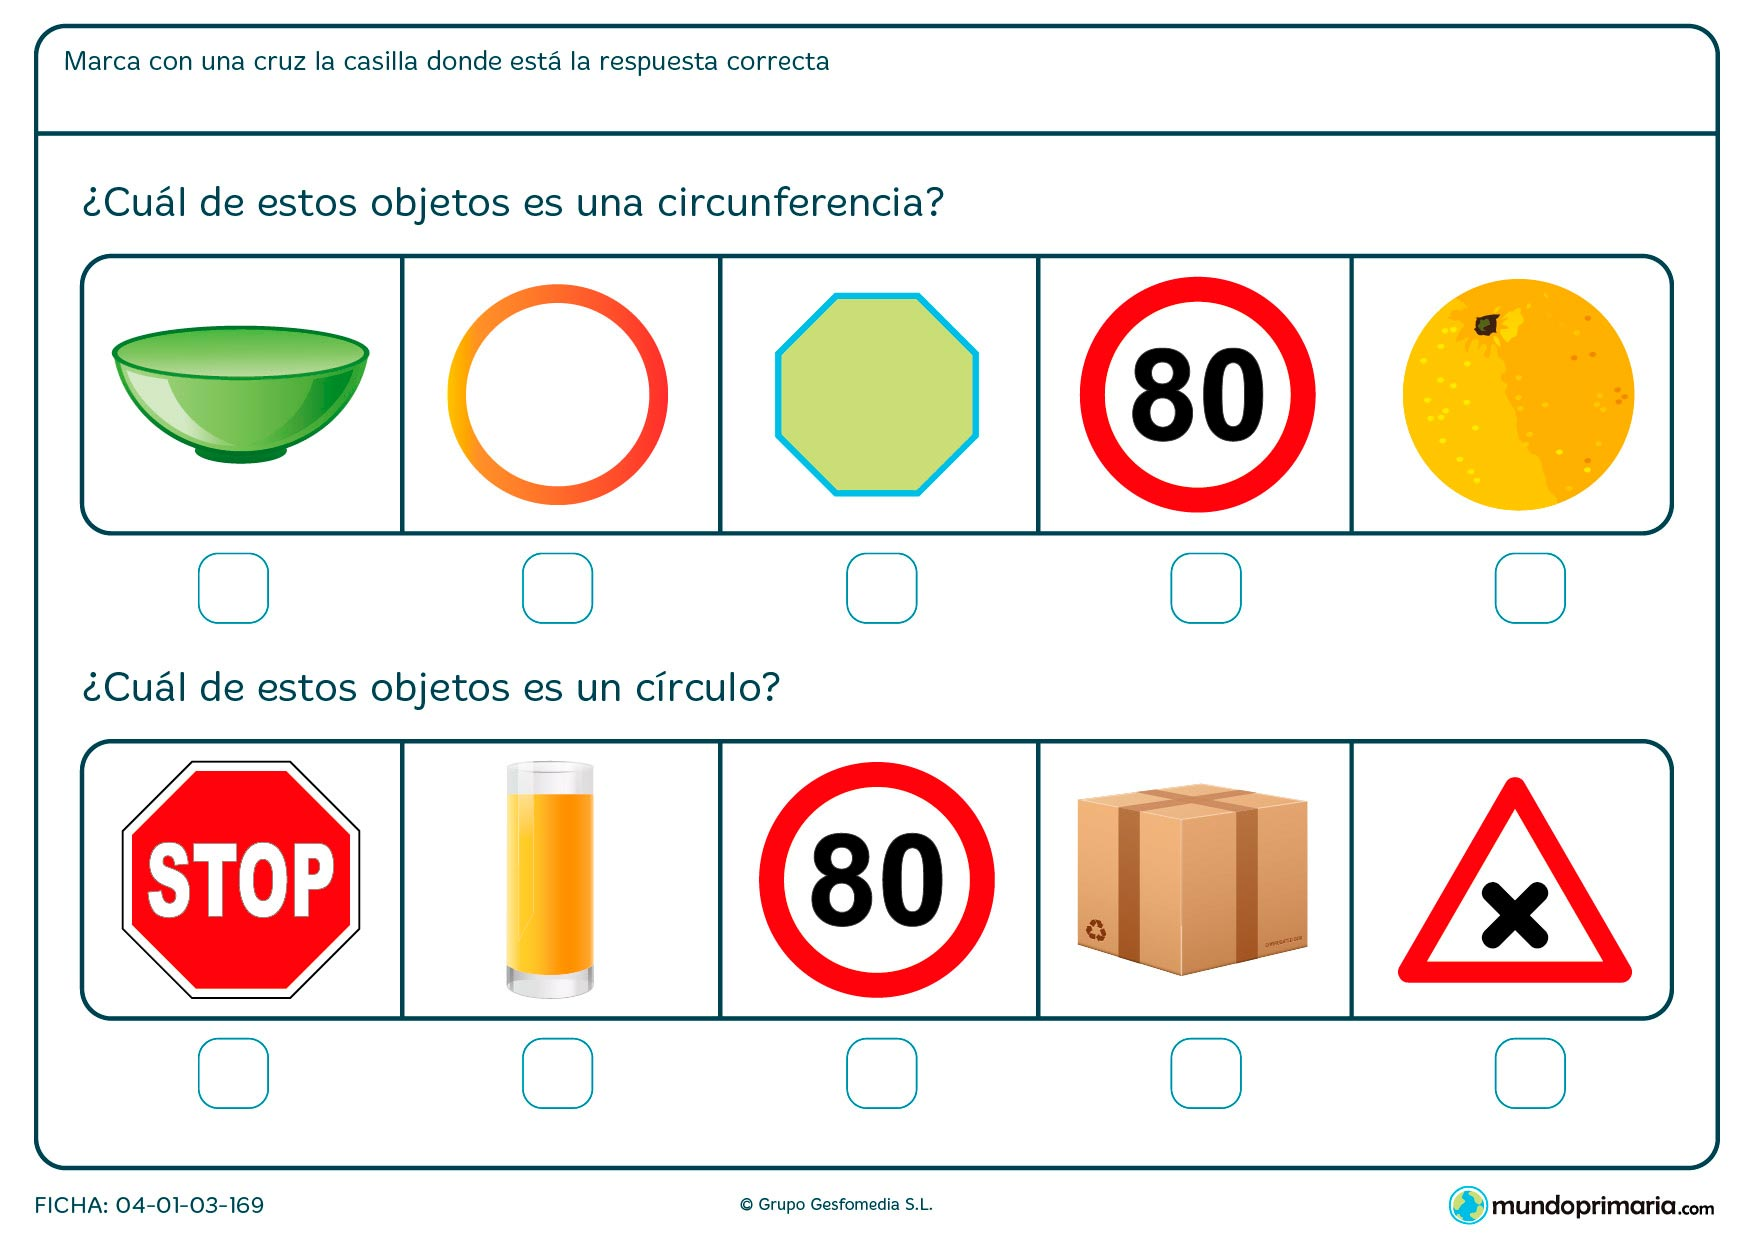 Ficha de objetos circulares con dibujos de objetos cotidianos de los que tienes que señalar los círculos y las circunferencias.